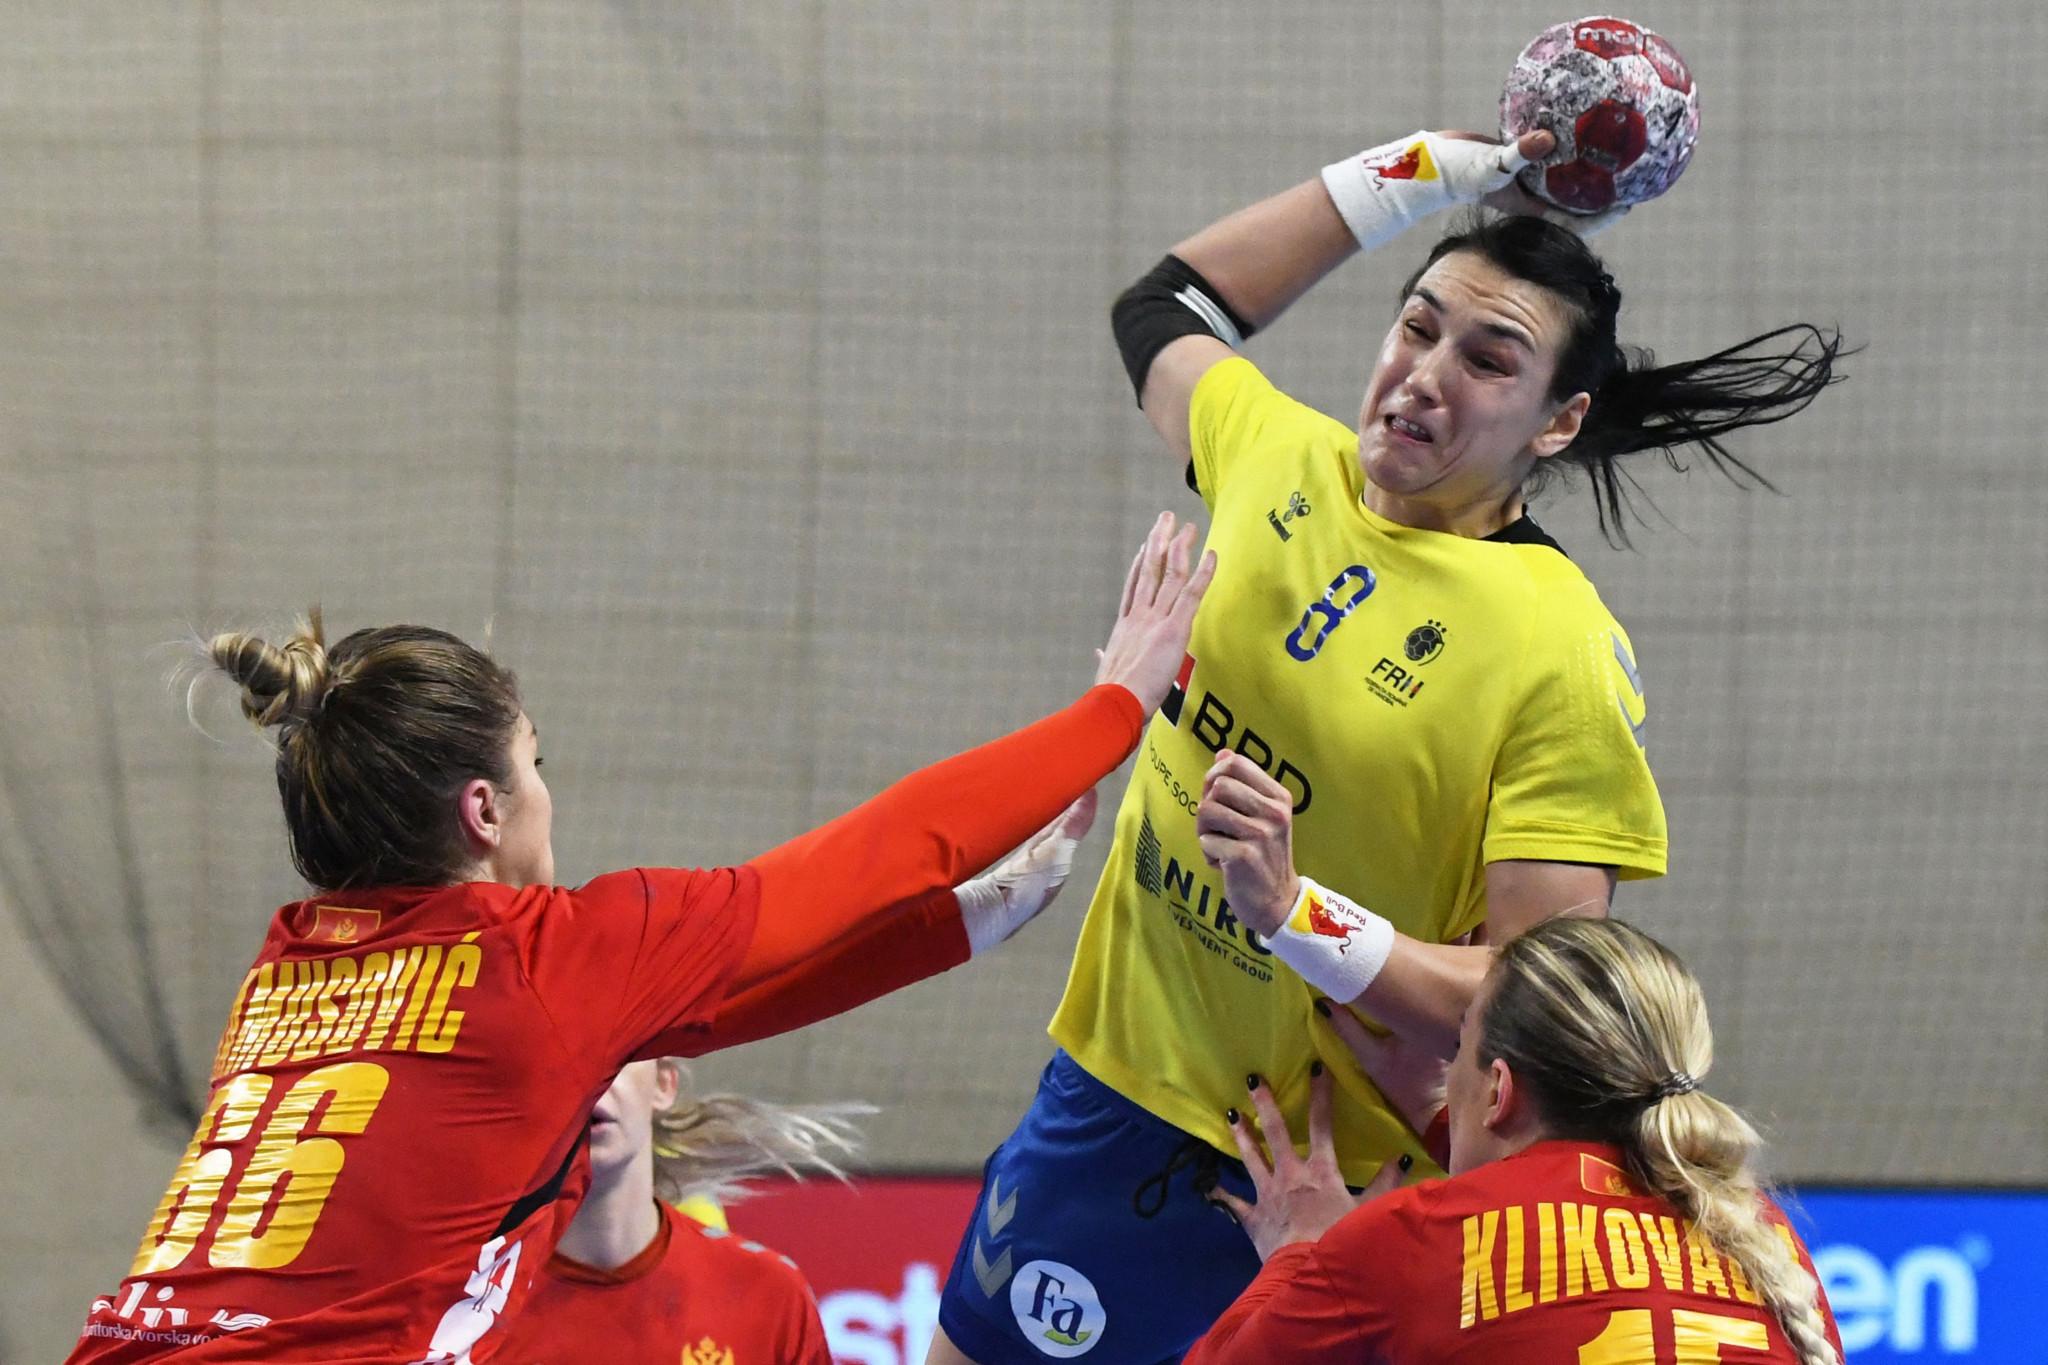 Rumanía (camisetas amarillas) se quedó para reflejar lo que habría sido porque se perdieron las eliminatorias para el campeonato de balonmano femenino de Tokio 2020 a pesar de su victoria sobre Montenegro © Getty Images